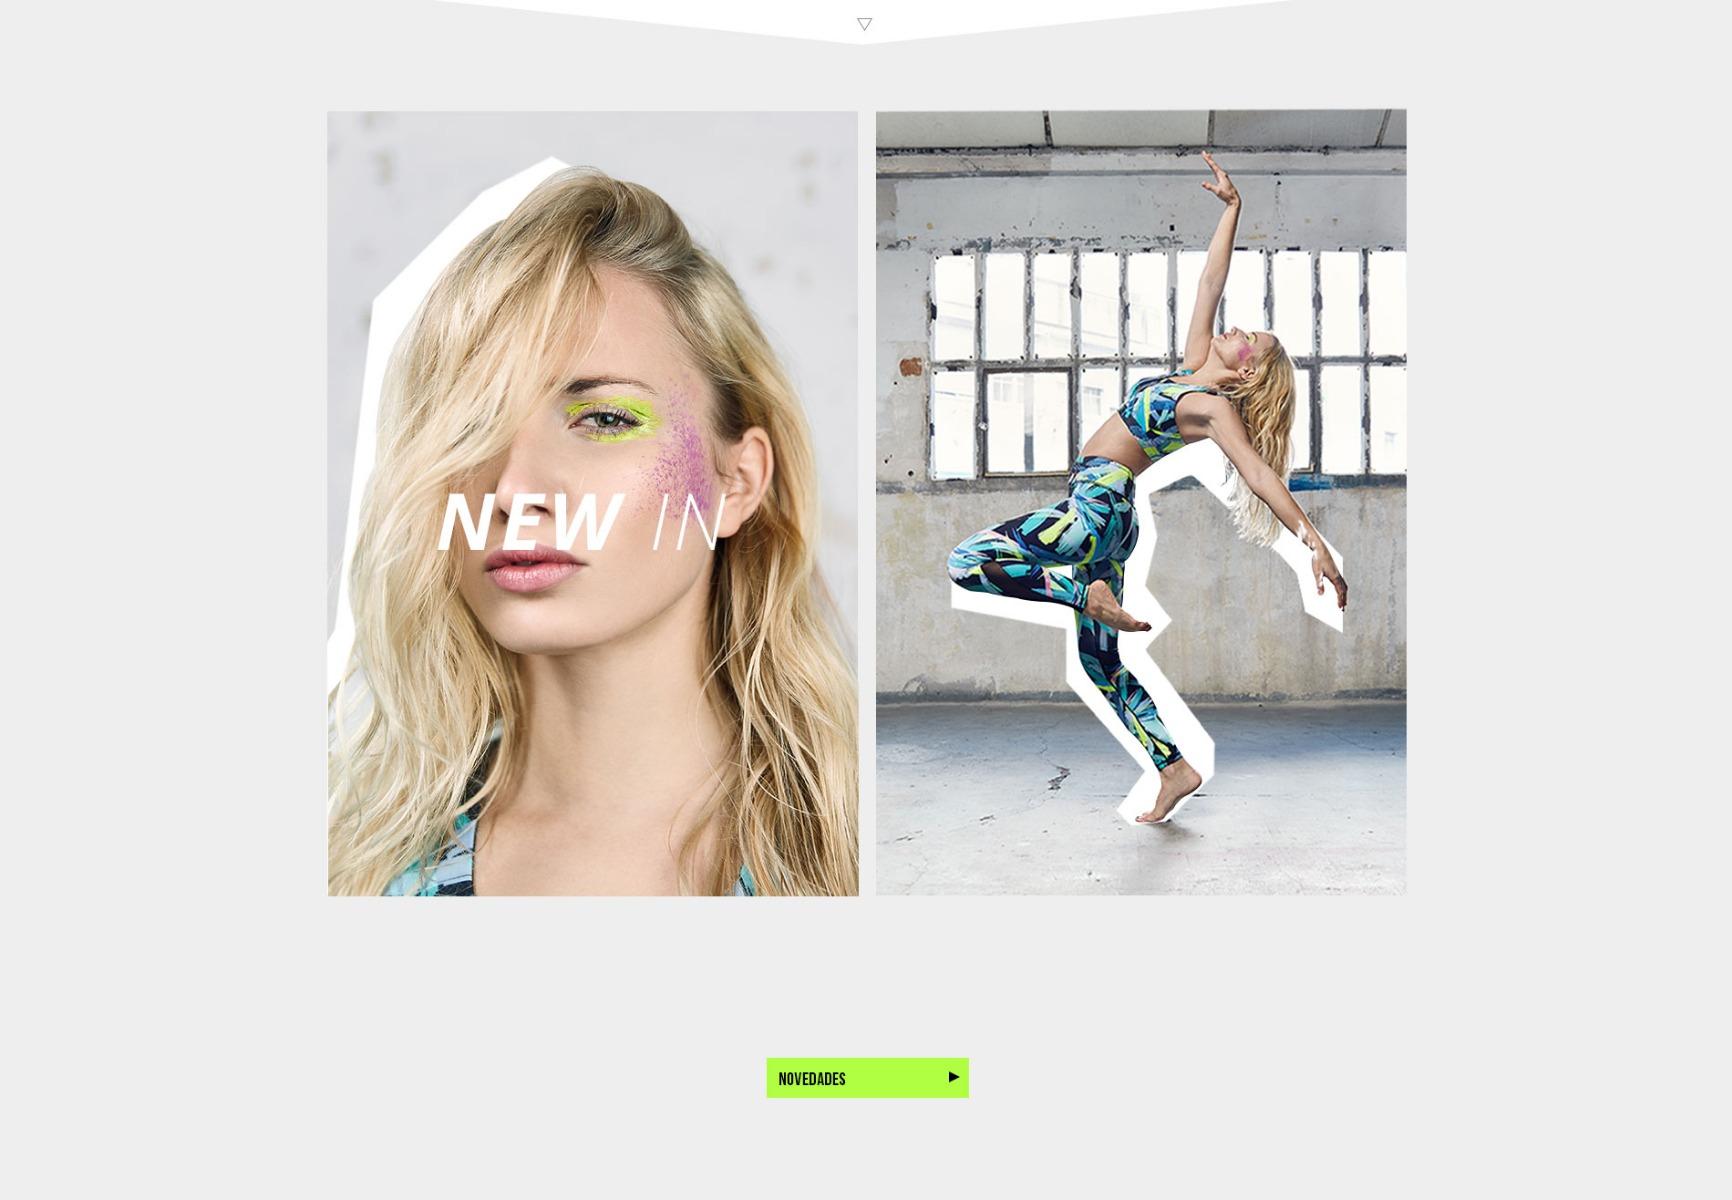 Comprar Moda deportiva para mujer online  769e5e1555e1f